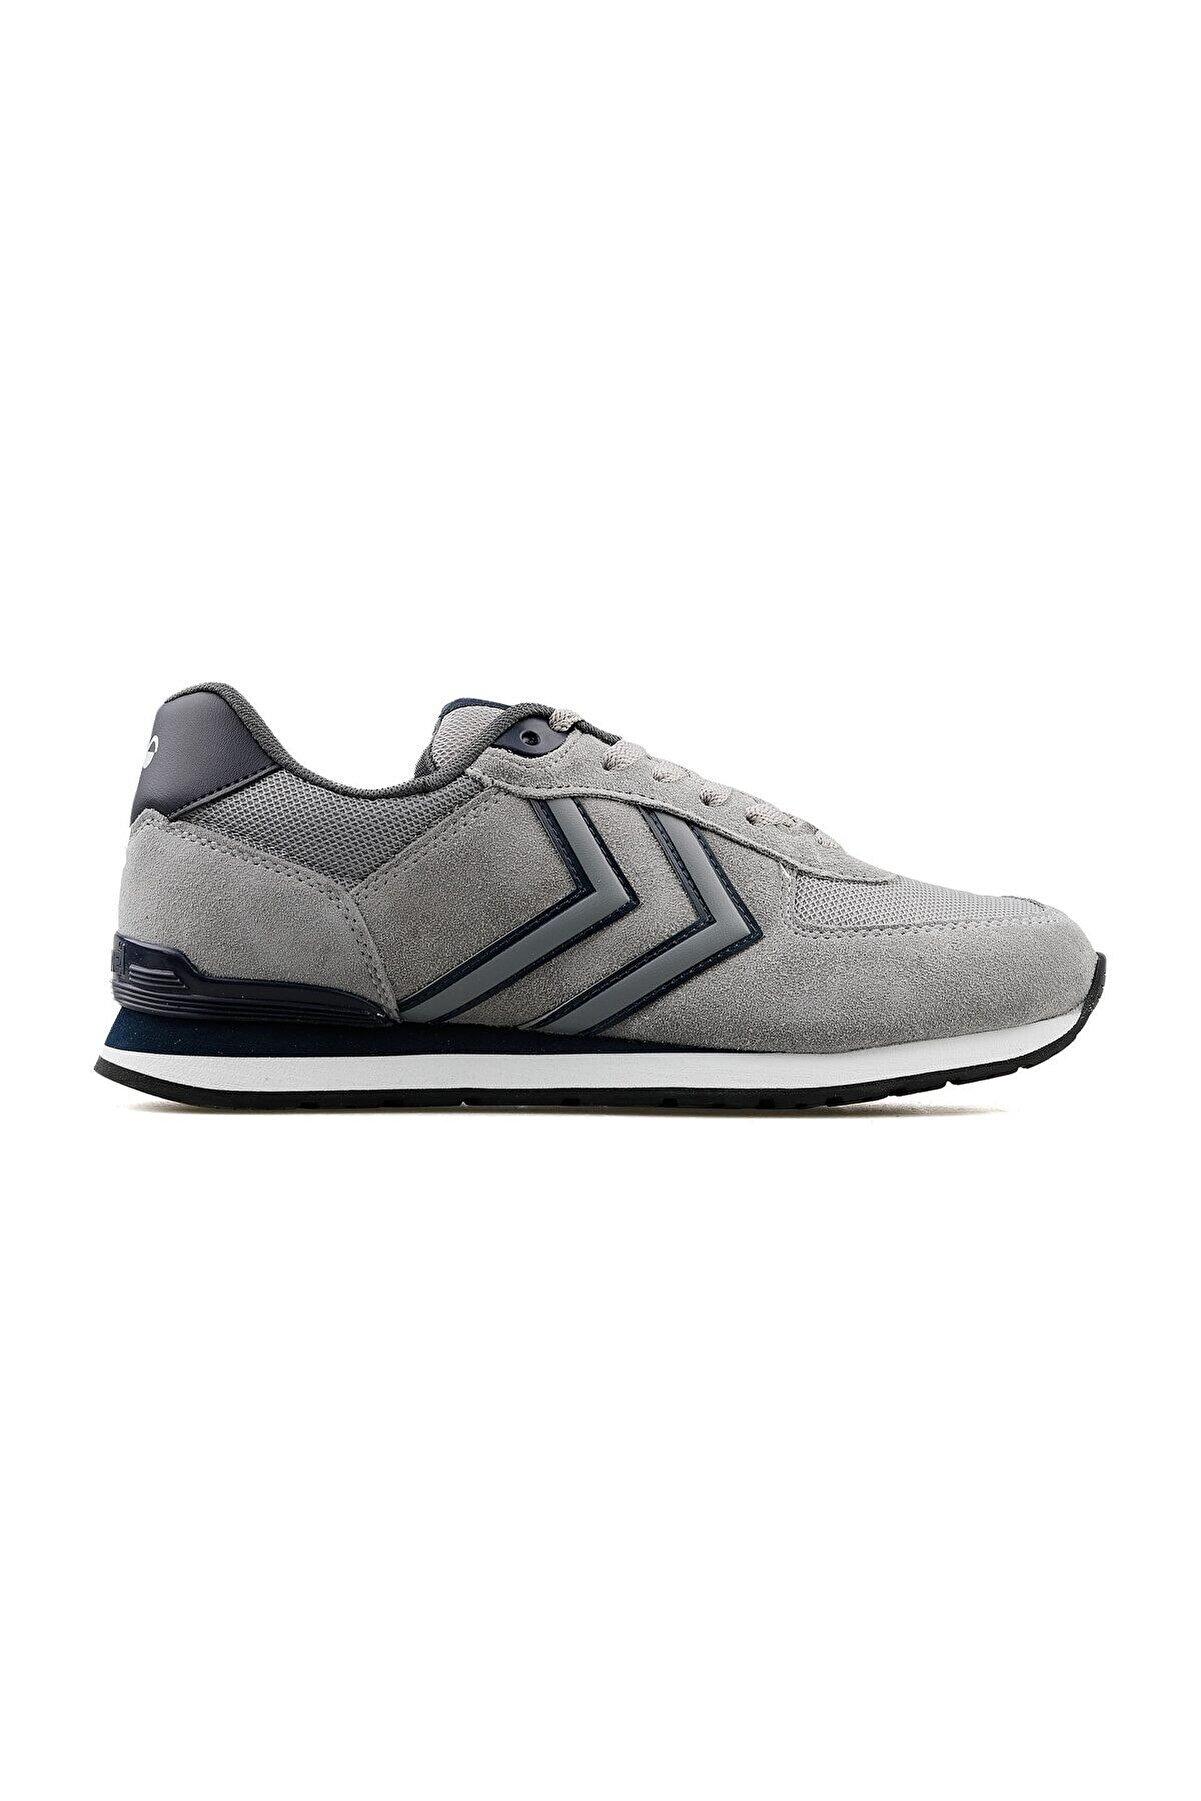 HUMMEL Eightyone 200600-2001 Sneaker Erkek Günlük Spor Ayakkabı